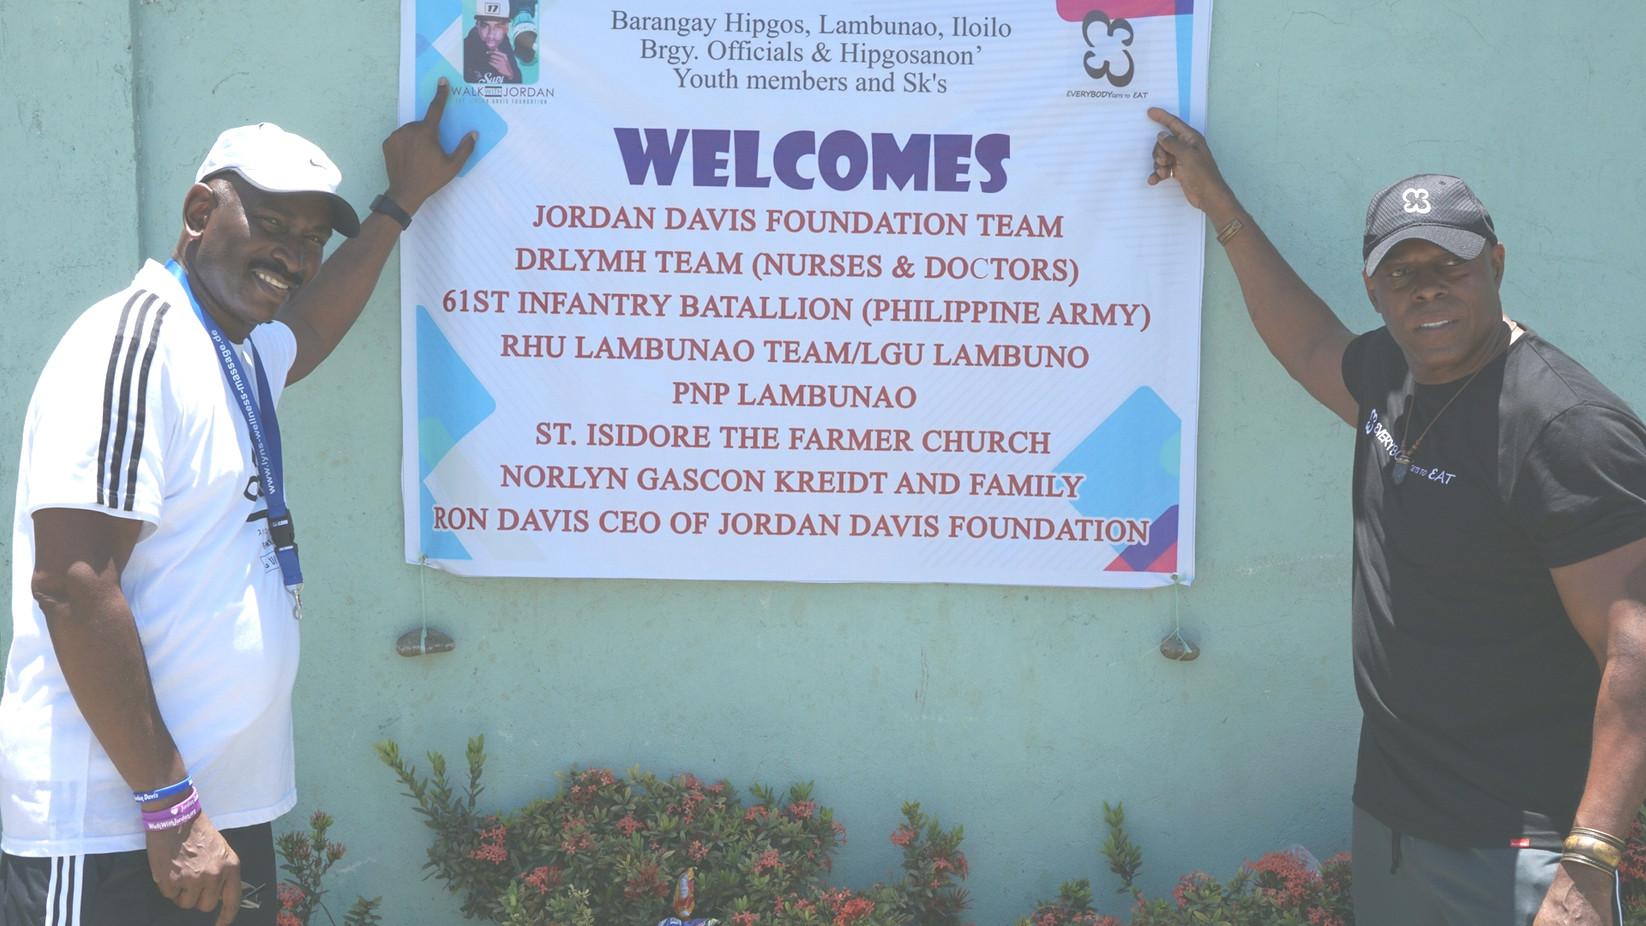 Welcome Banner, Hipgos Lambunao